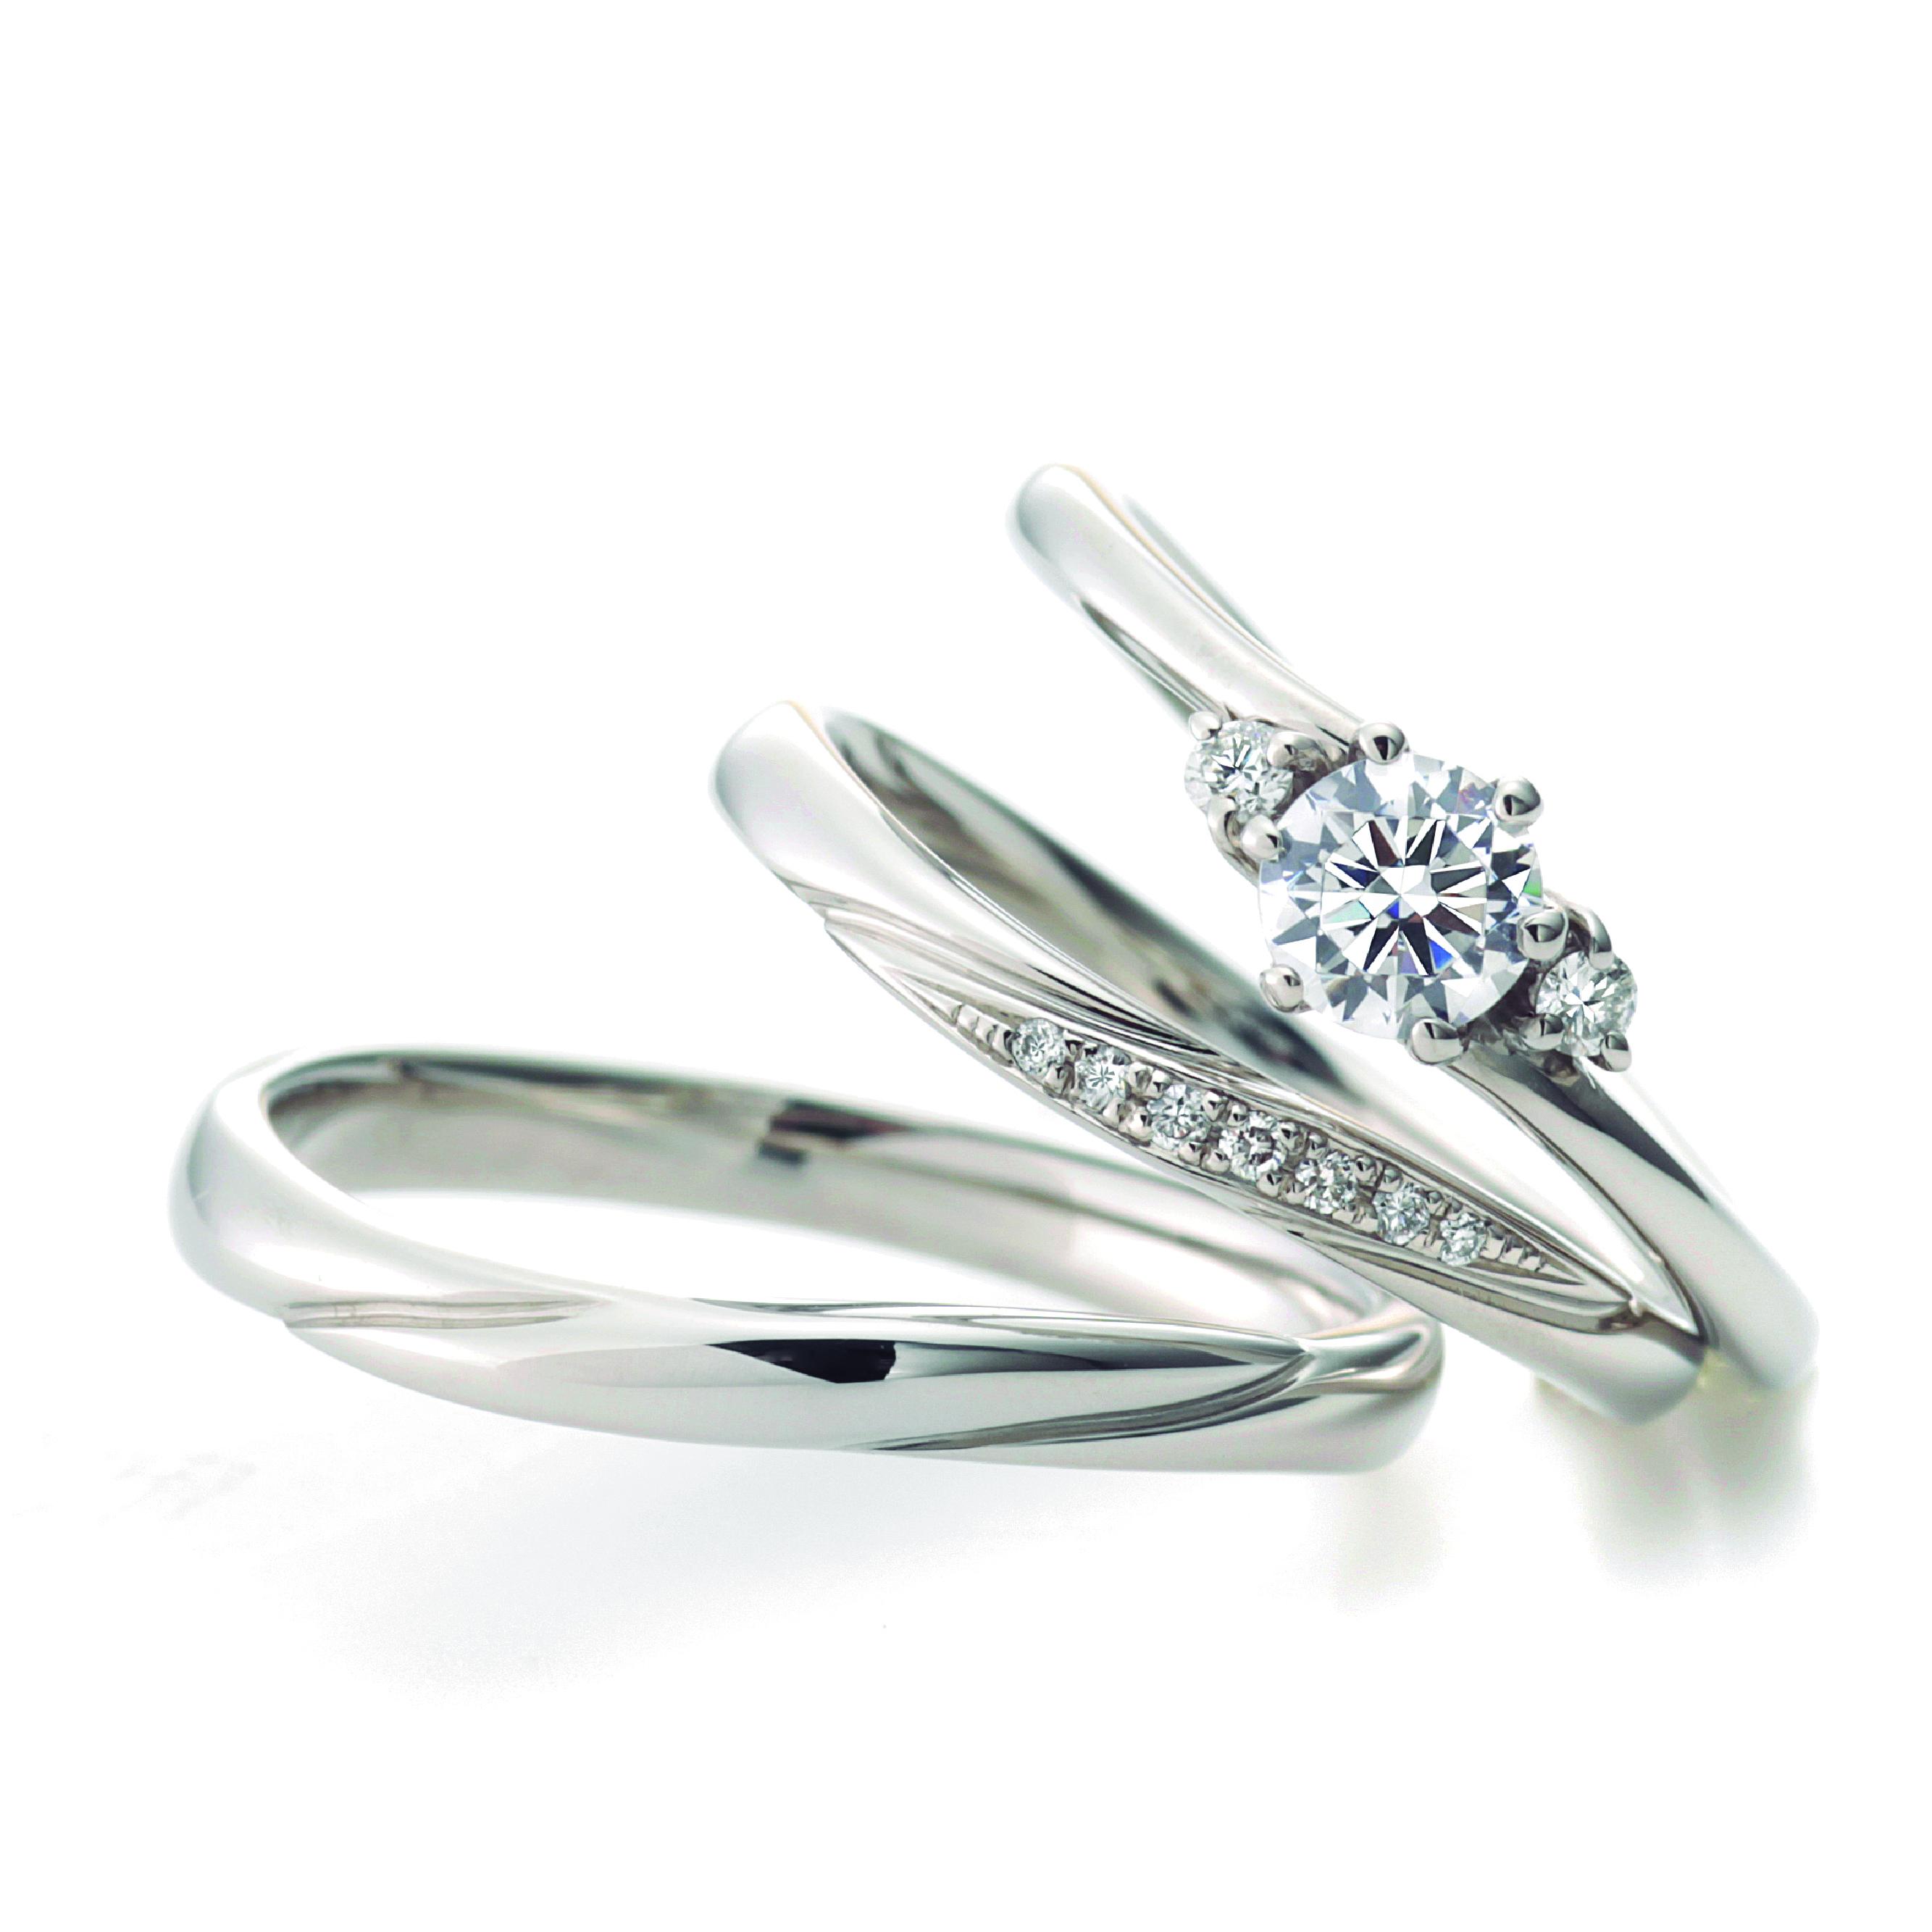 フェミニン,ゴージャス 結婚指輪のリリック